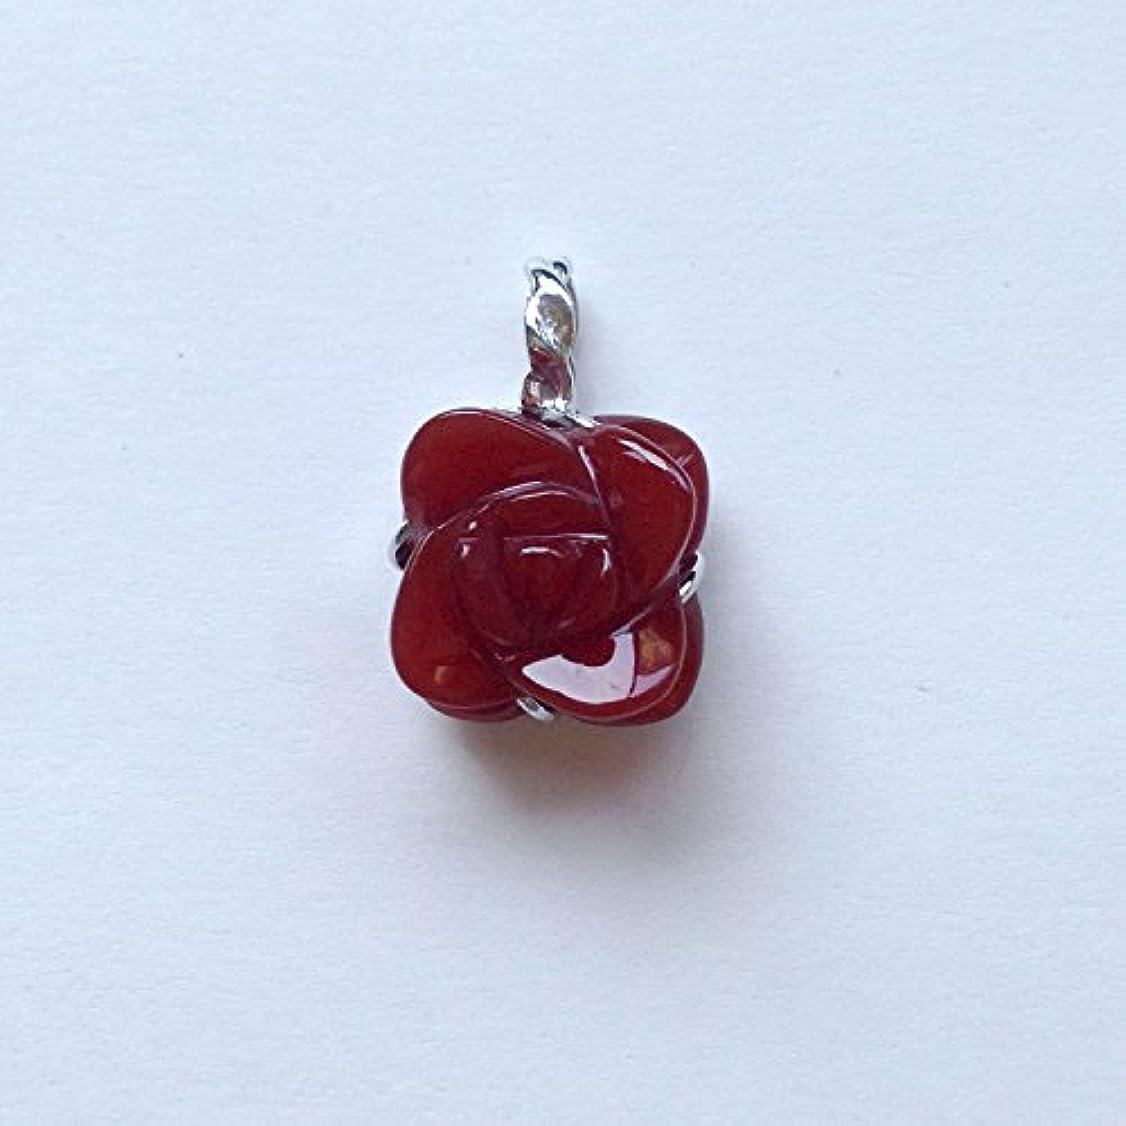 展開する検索エンジン最適化誠実香る宝石SV赤メノウペンダント通常¥26,800の所 (Ag925)